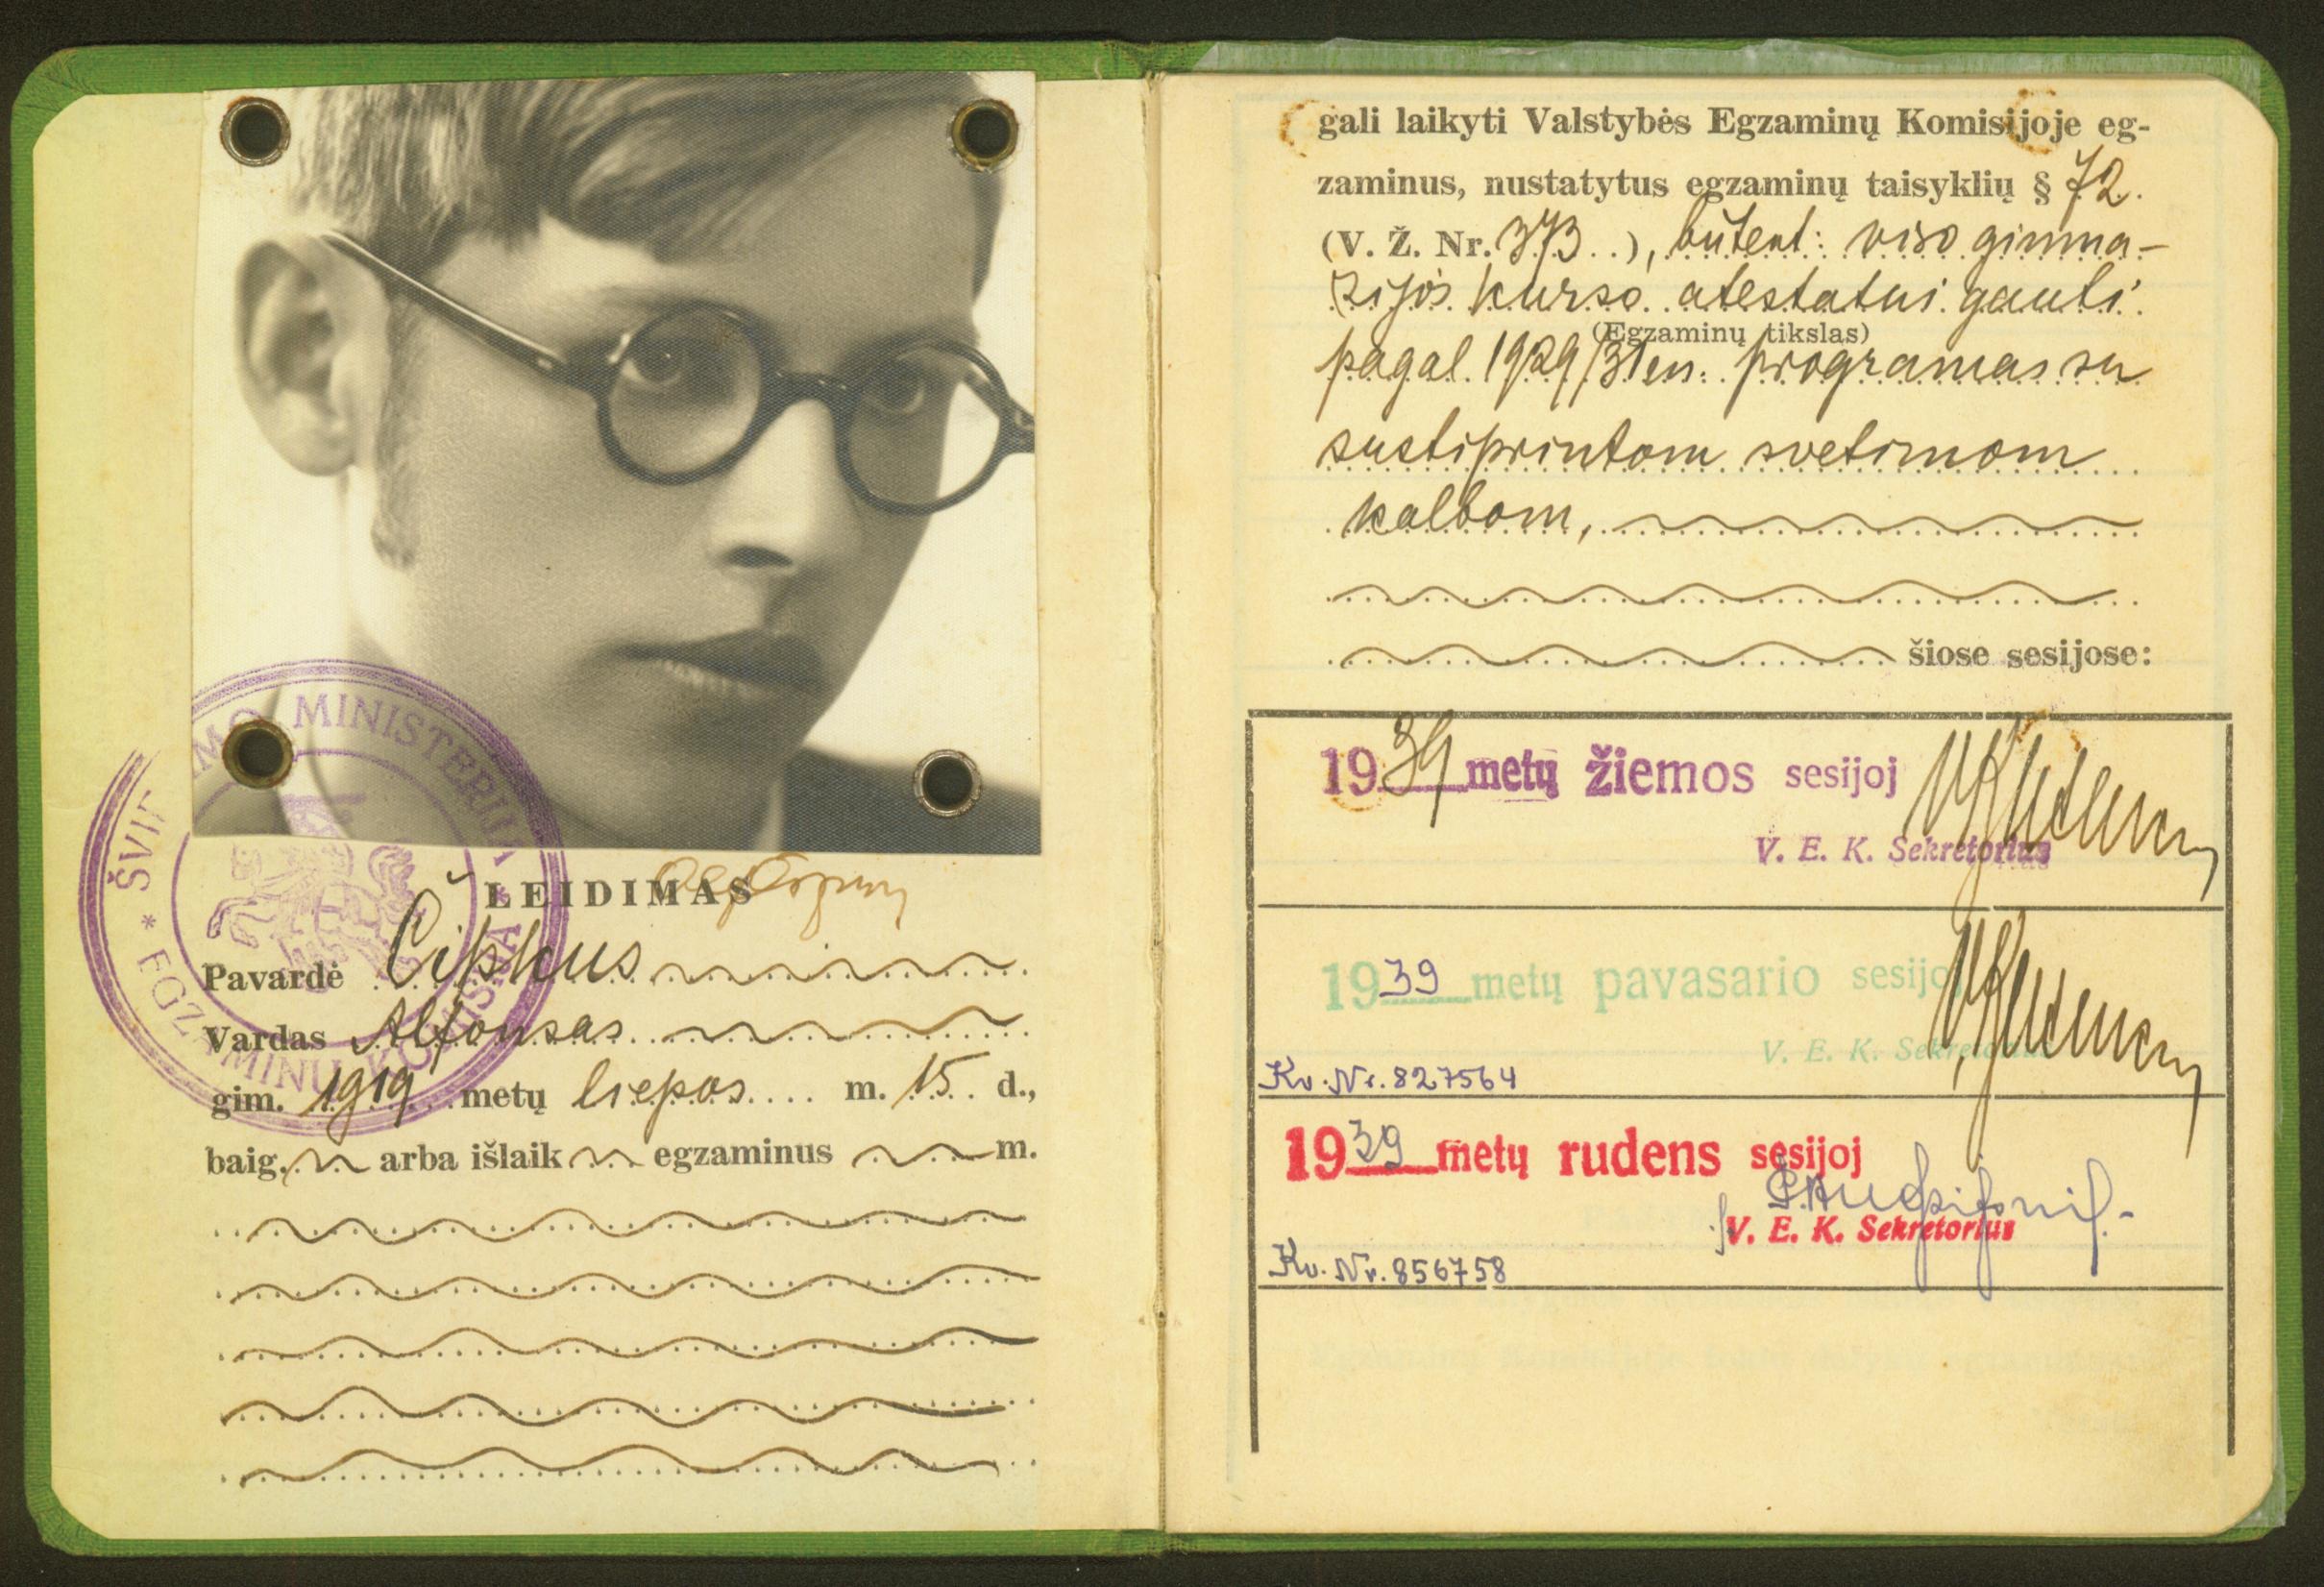 Švietimo ministerijos pažymėjimas-patvirtinimas apie A. Čipkaus išlaikytus gimnazijos baigimo egzaminus